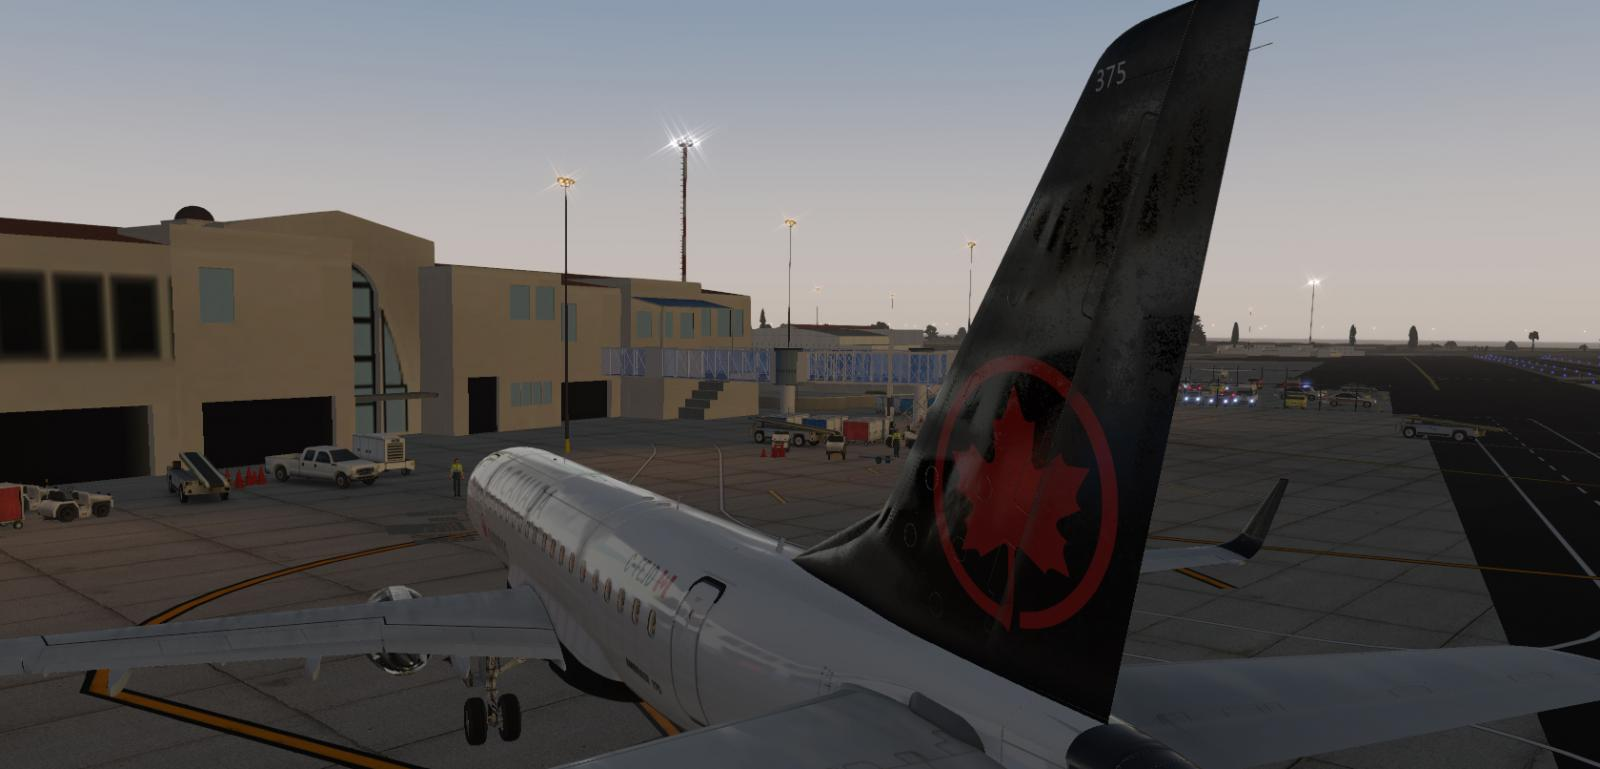 New Air Canada (Fictional) Livery for the X-Craft E-175 v2